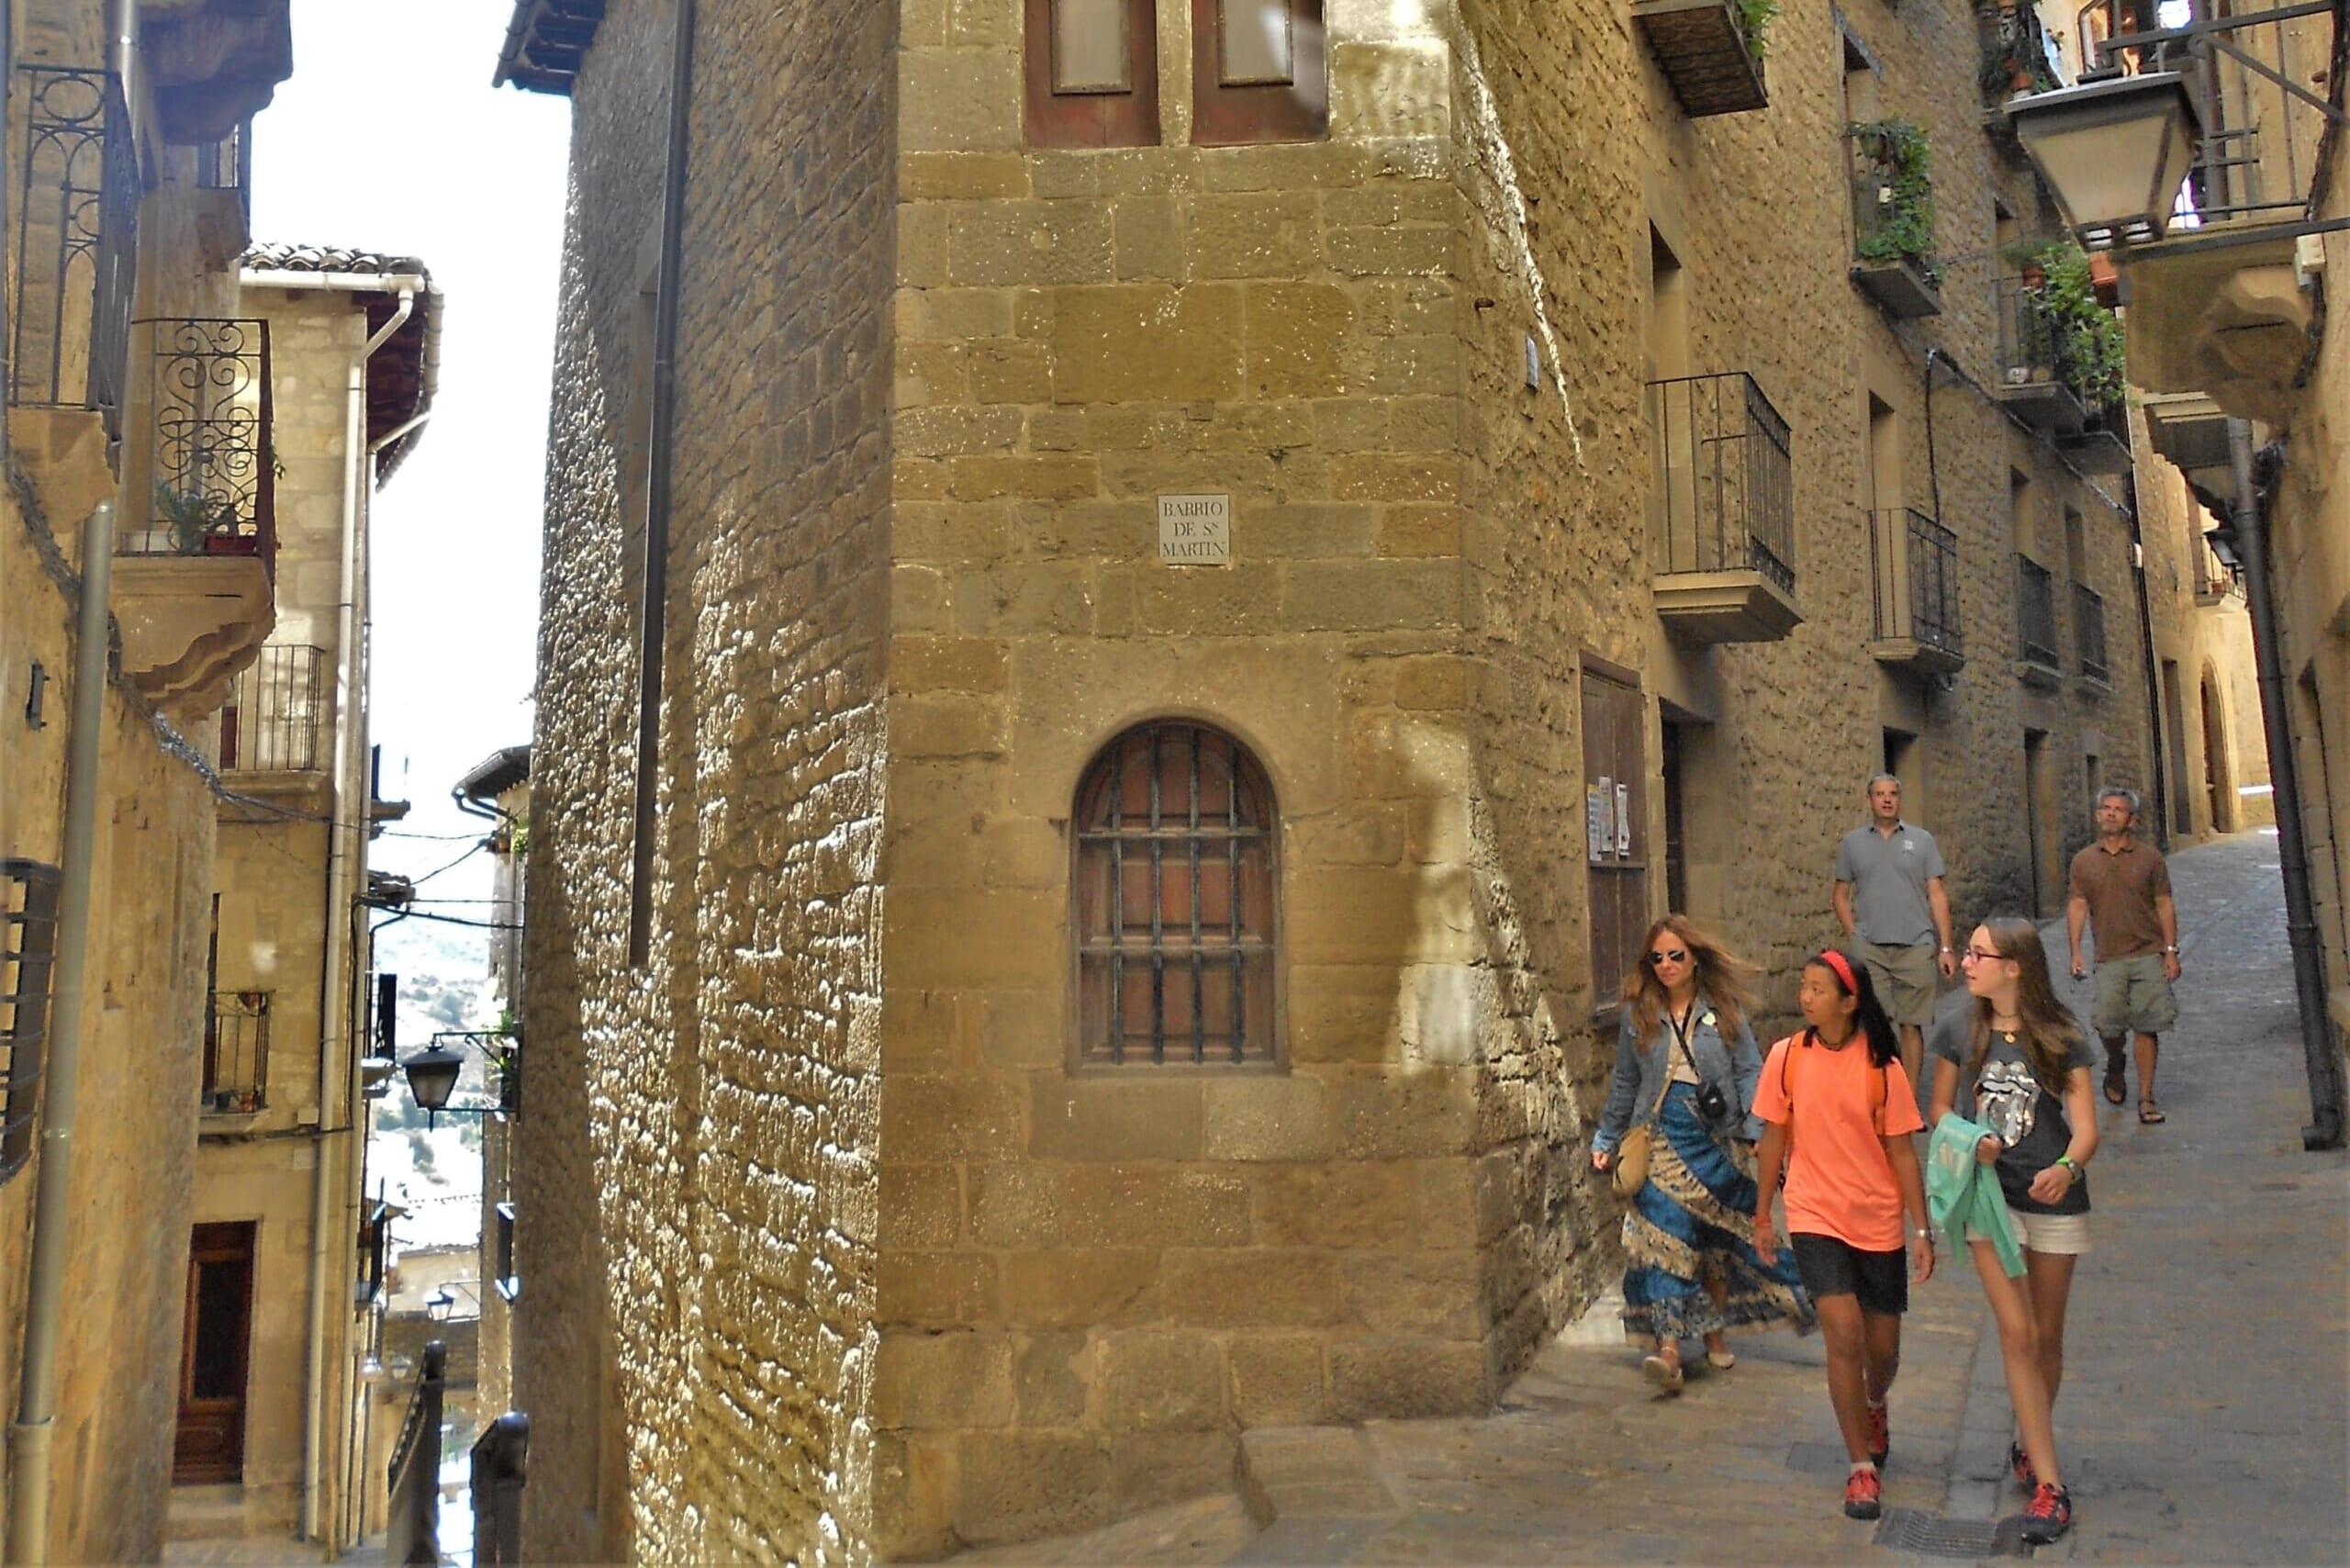 北スペインの観光スポットであるアラゴンのソス・デル・レイ・カトリコ